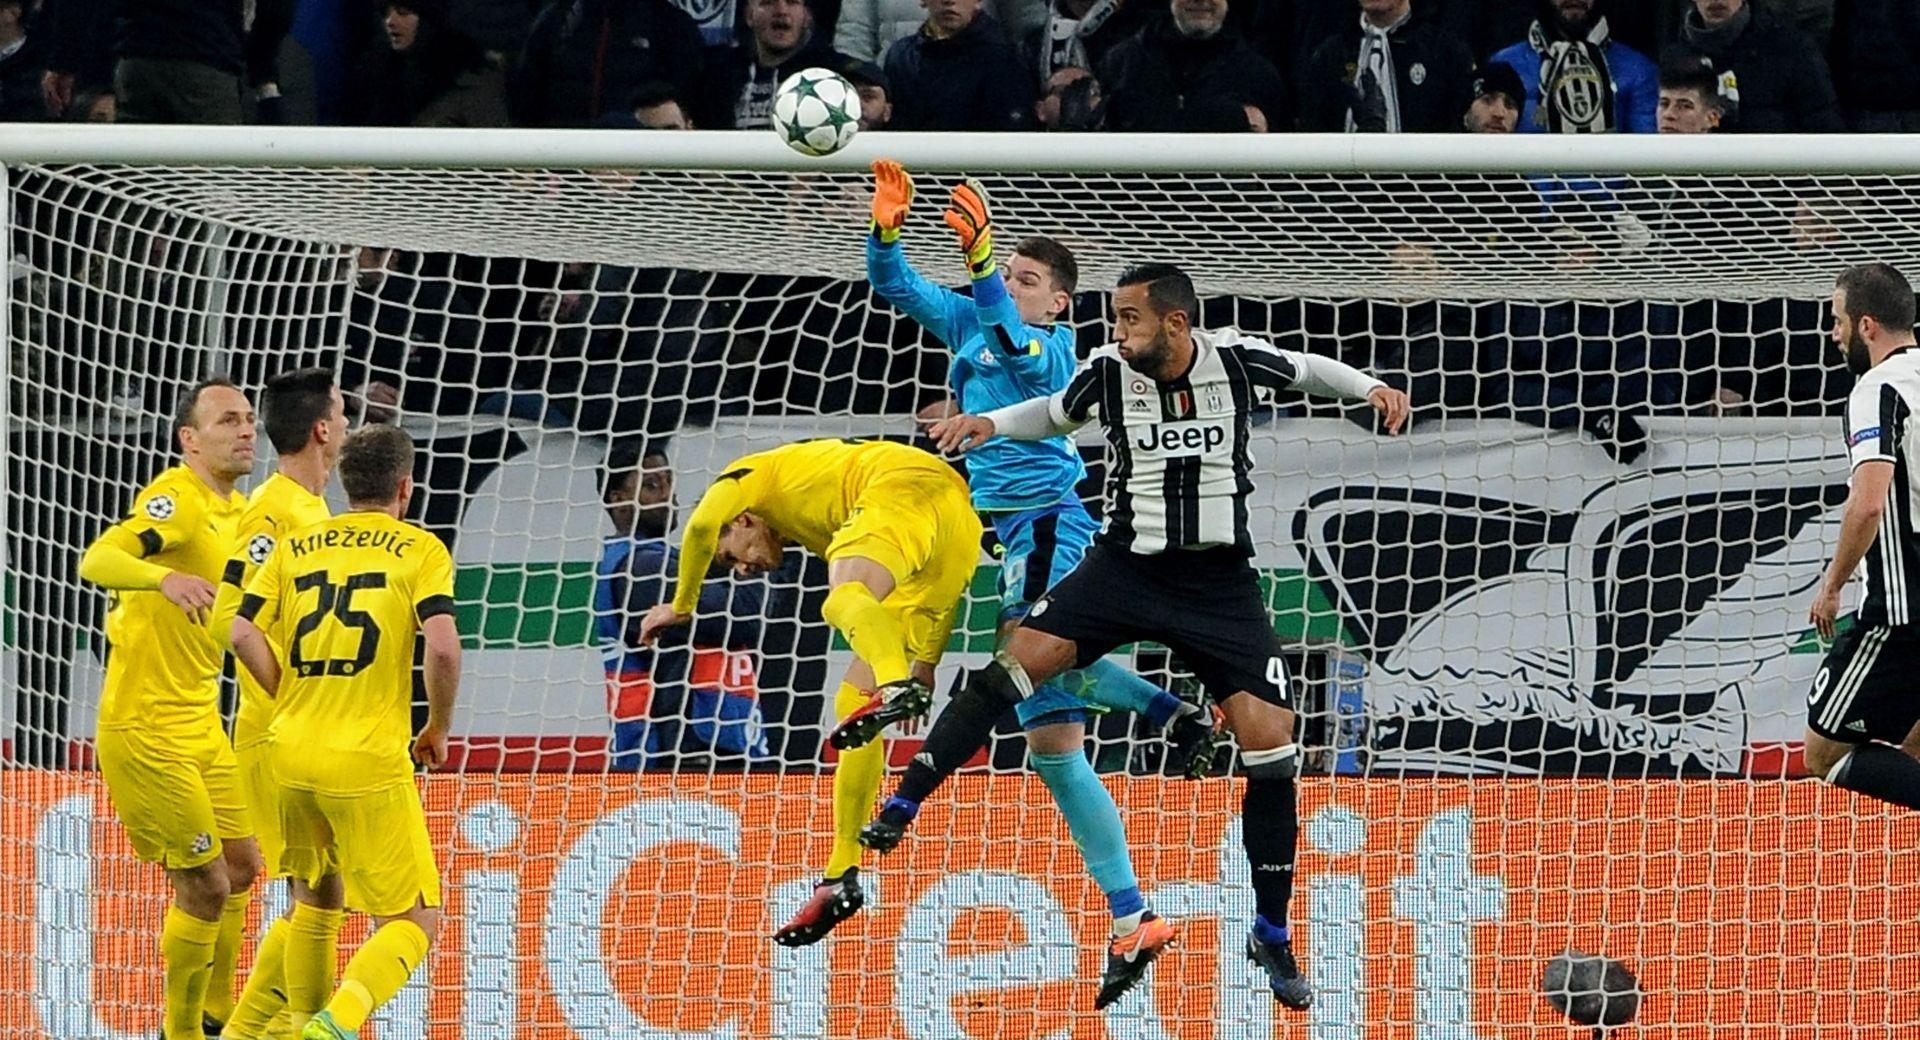 LIGA PRVAKA Dinamo se oprostio porazom od Juventusa, natjecanje završili bez osvojenog boda i postignutog gola